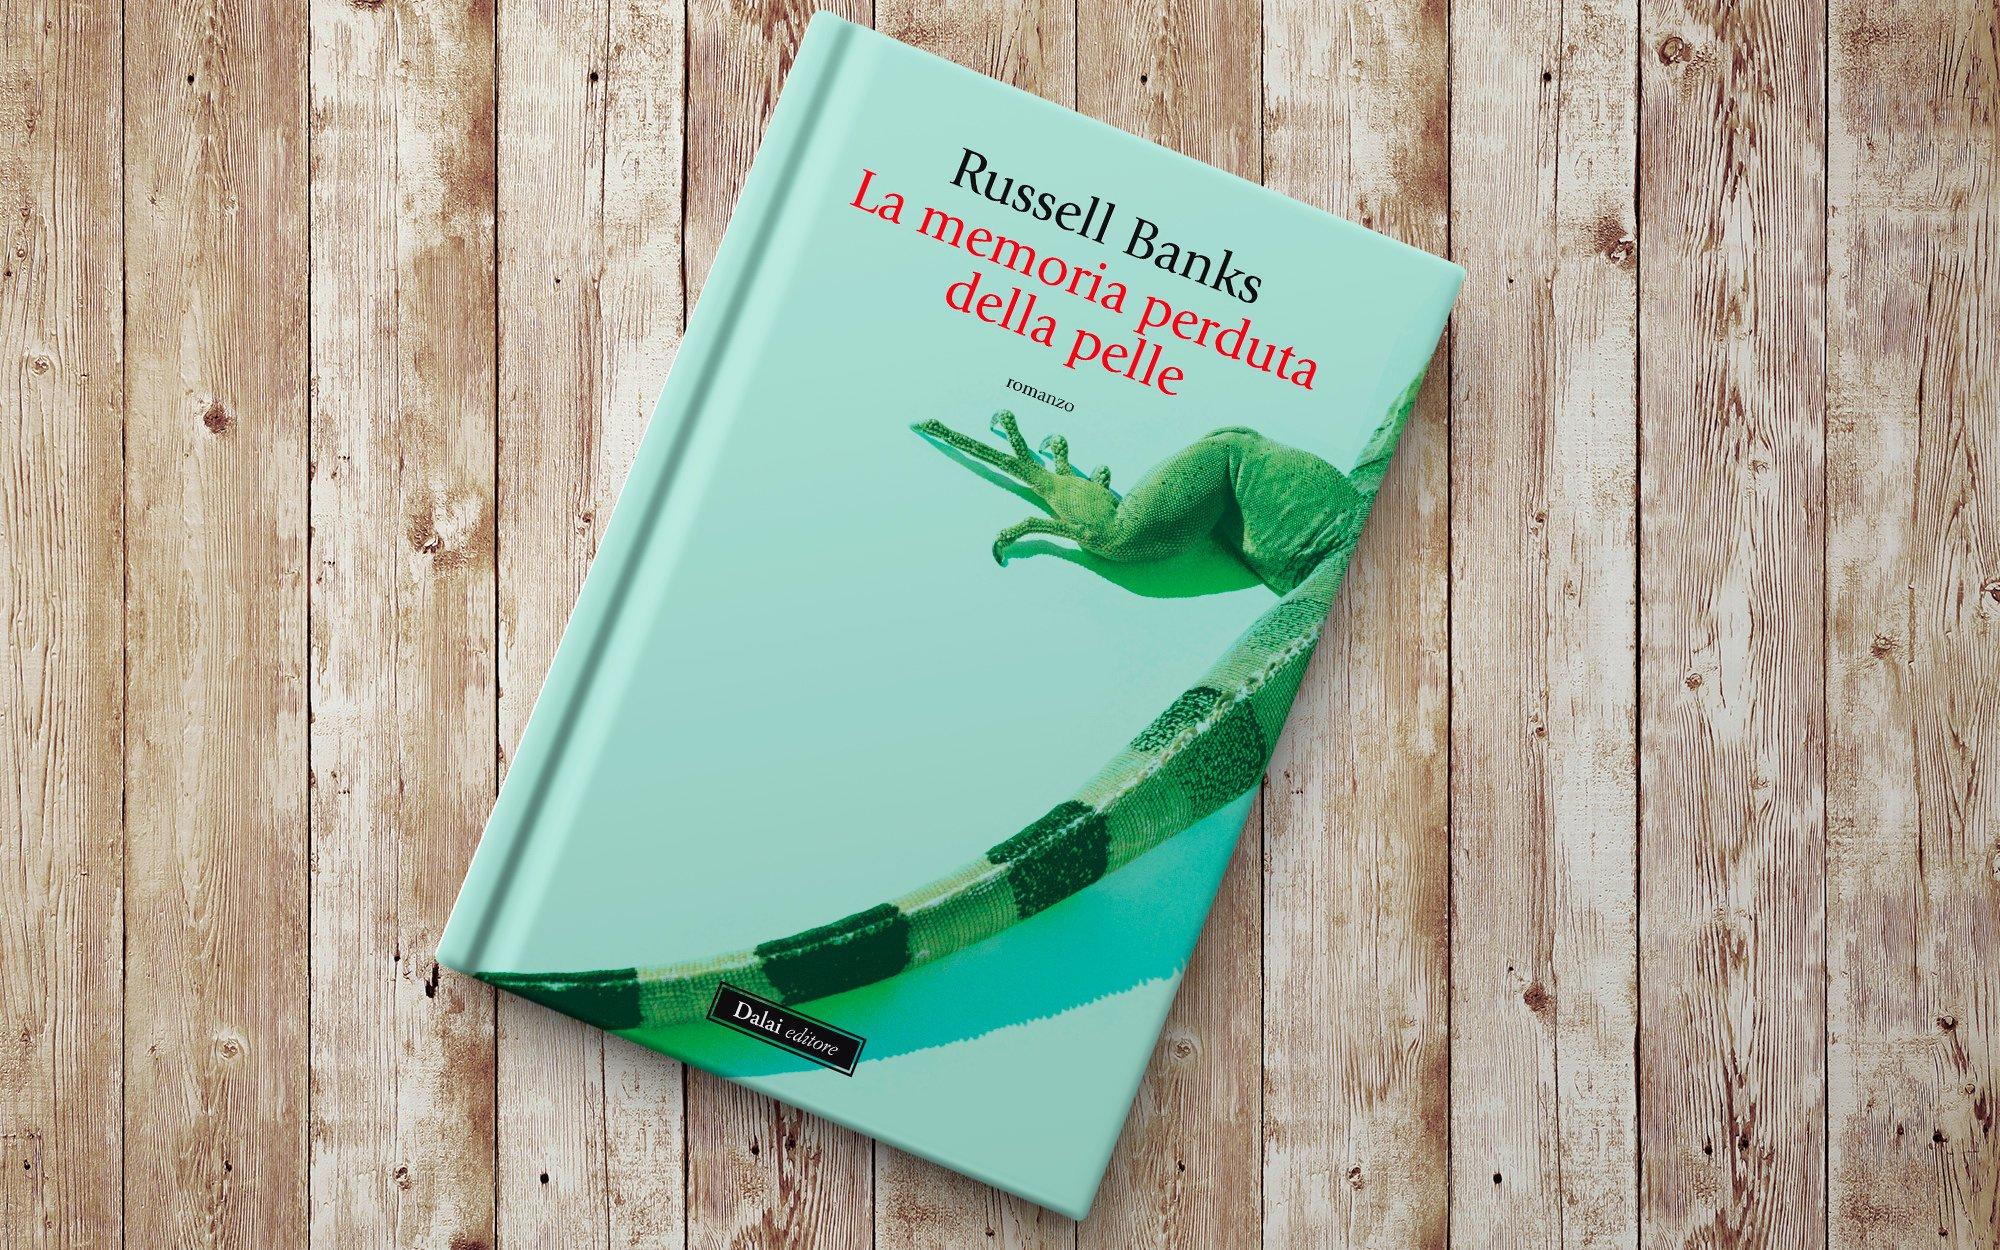 libro di Russell Banks La memoria perduta della pelle